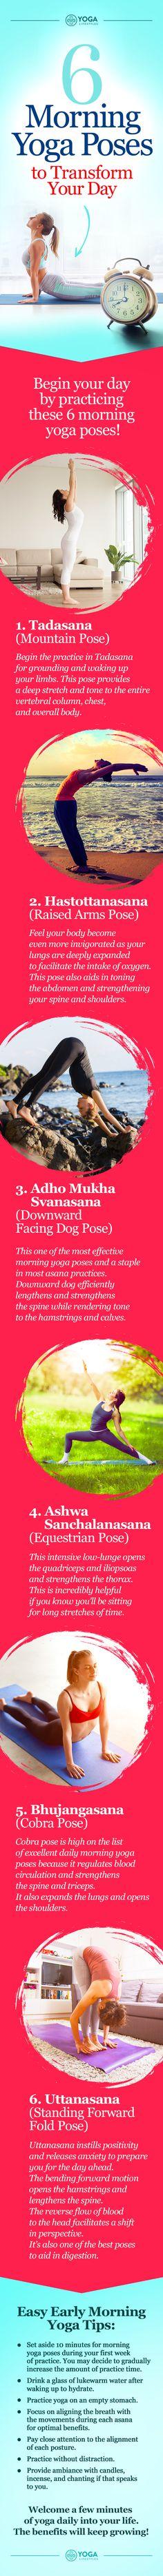 6 Morning Yoga Poses Guaranteed to Transform your Day. #yoga #yogaeverydamnday #morning #morningworkouts #yogapose #healthy